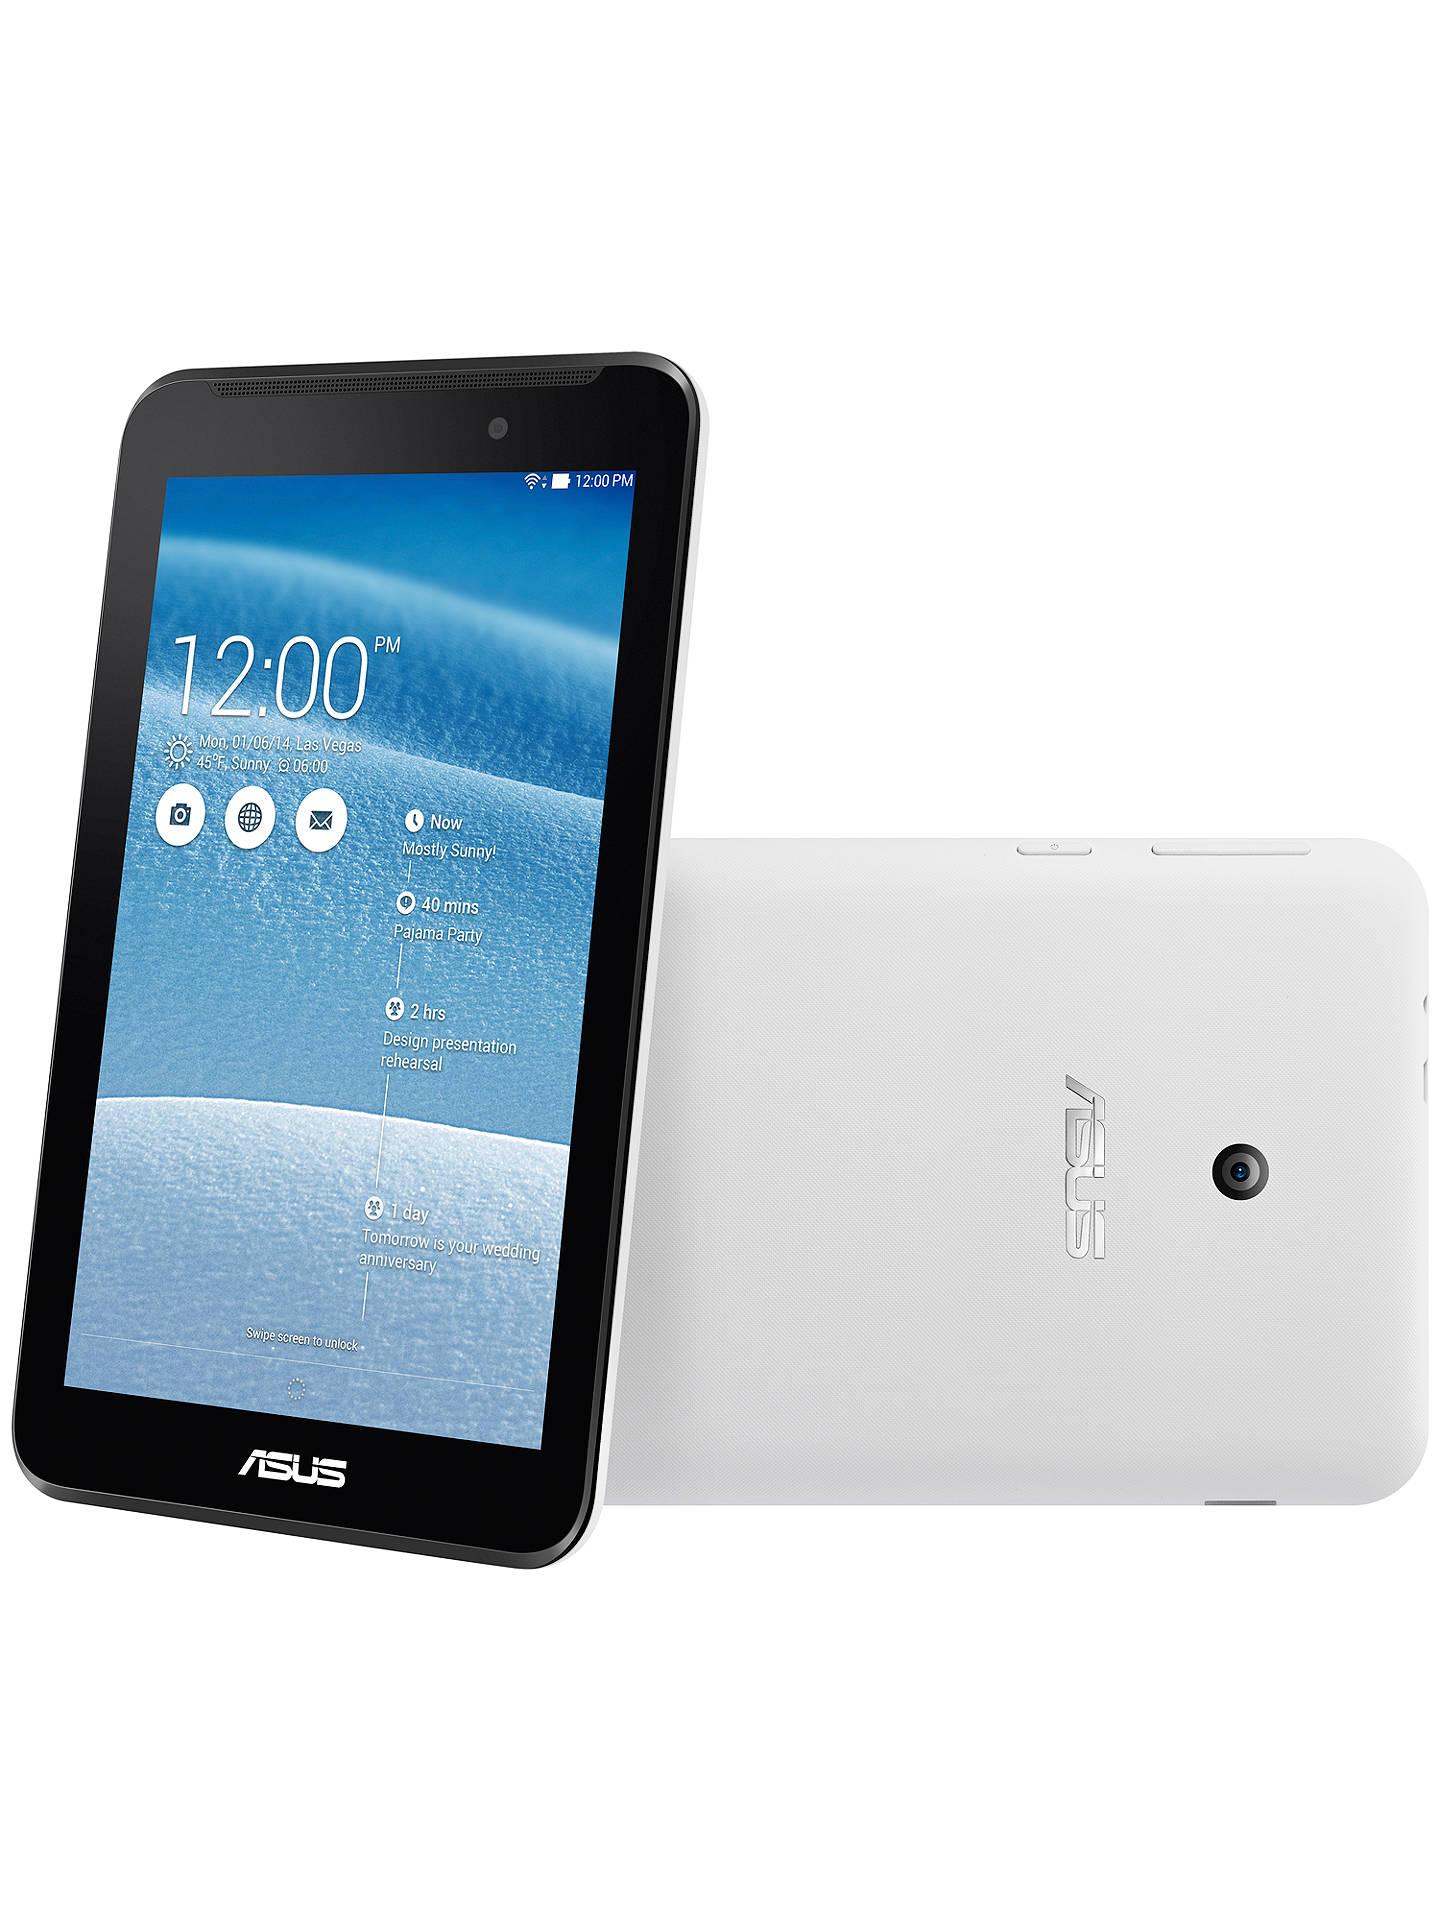 ASUS MeMO Pad 7 ME170C Tablet, Intel Atom, Android, 7